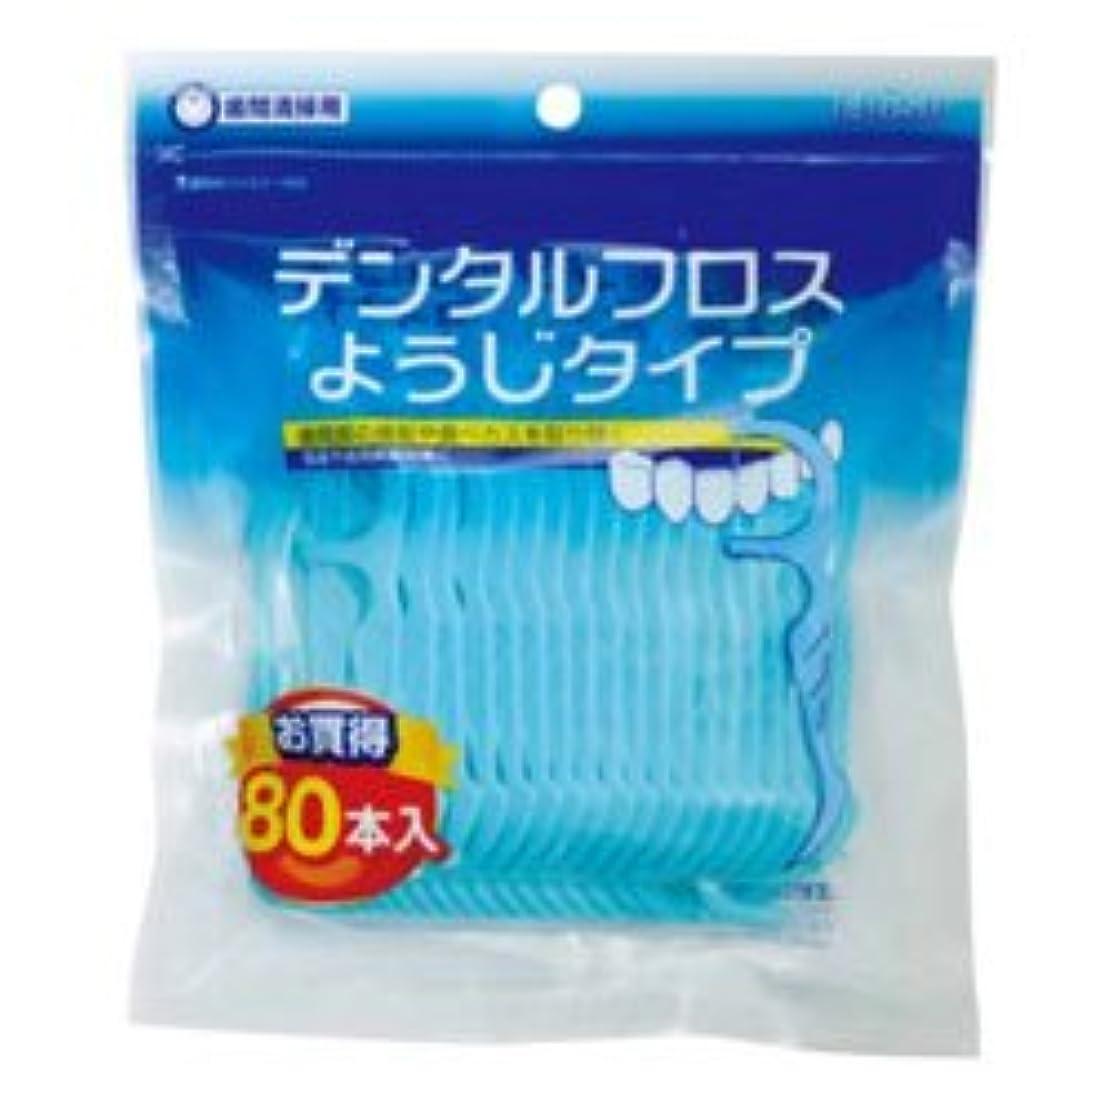 結び目歯科医チャーター【エビス】デンタルフロス ようじタイプN 80本入 ×3個セット